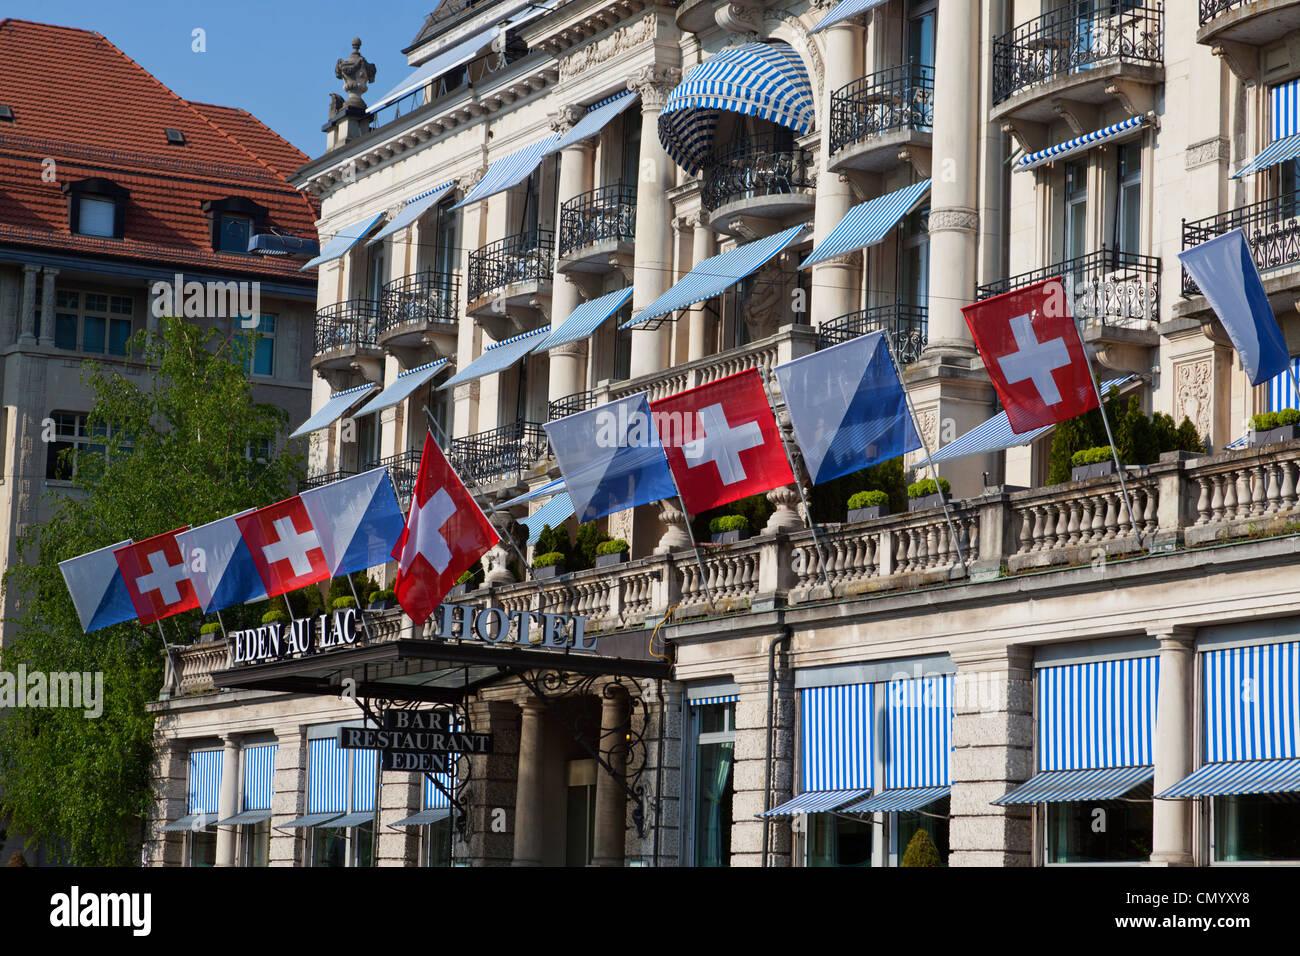 Hotel Eden au Lac, near Zurich lake promande, Zurich - Stock Image